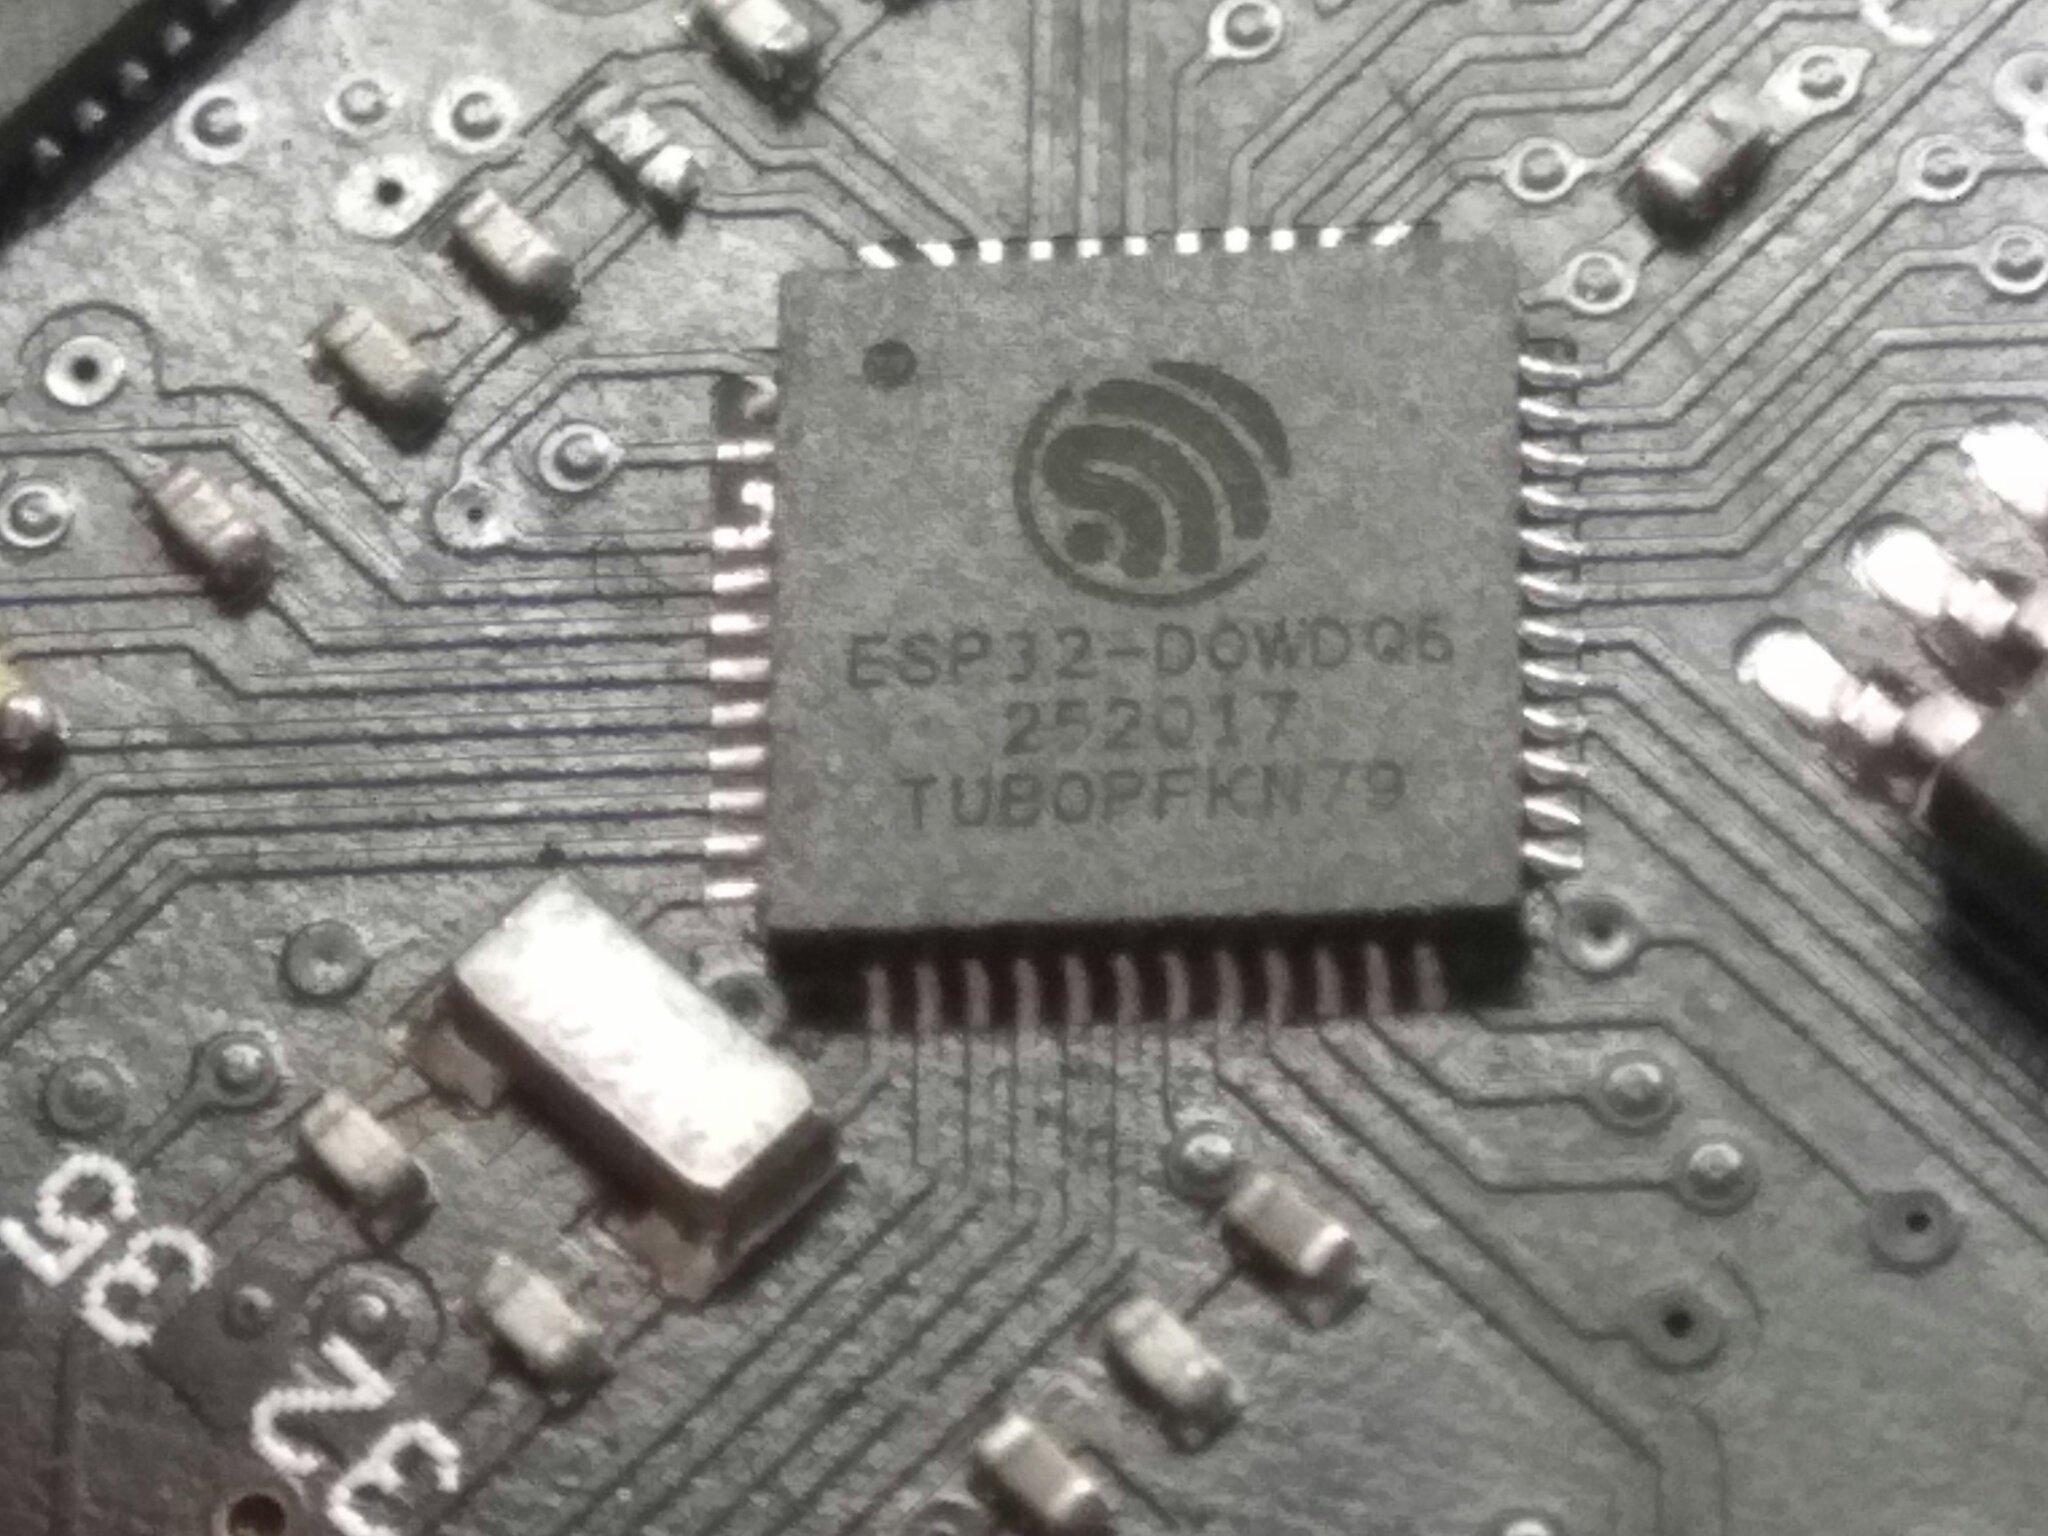 3d Chip Net 64 Bit